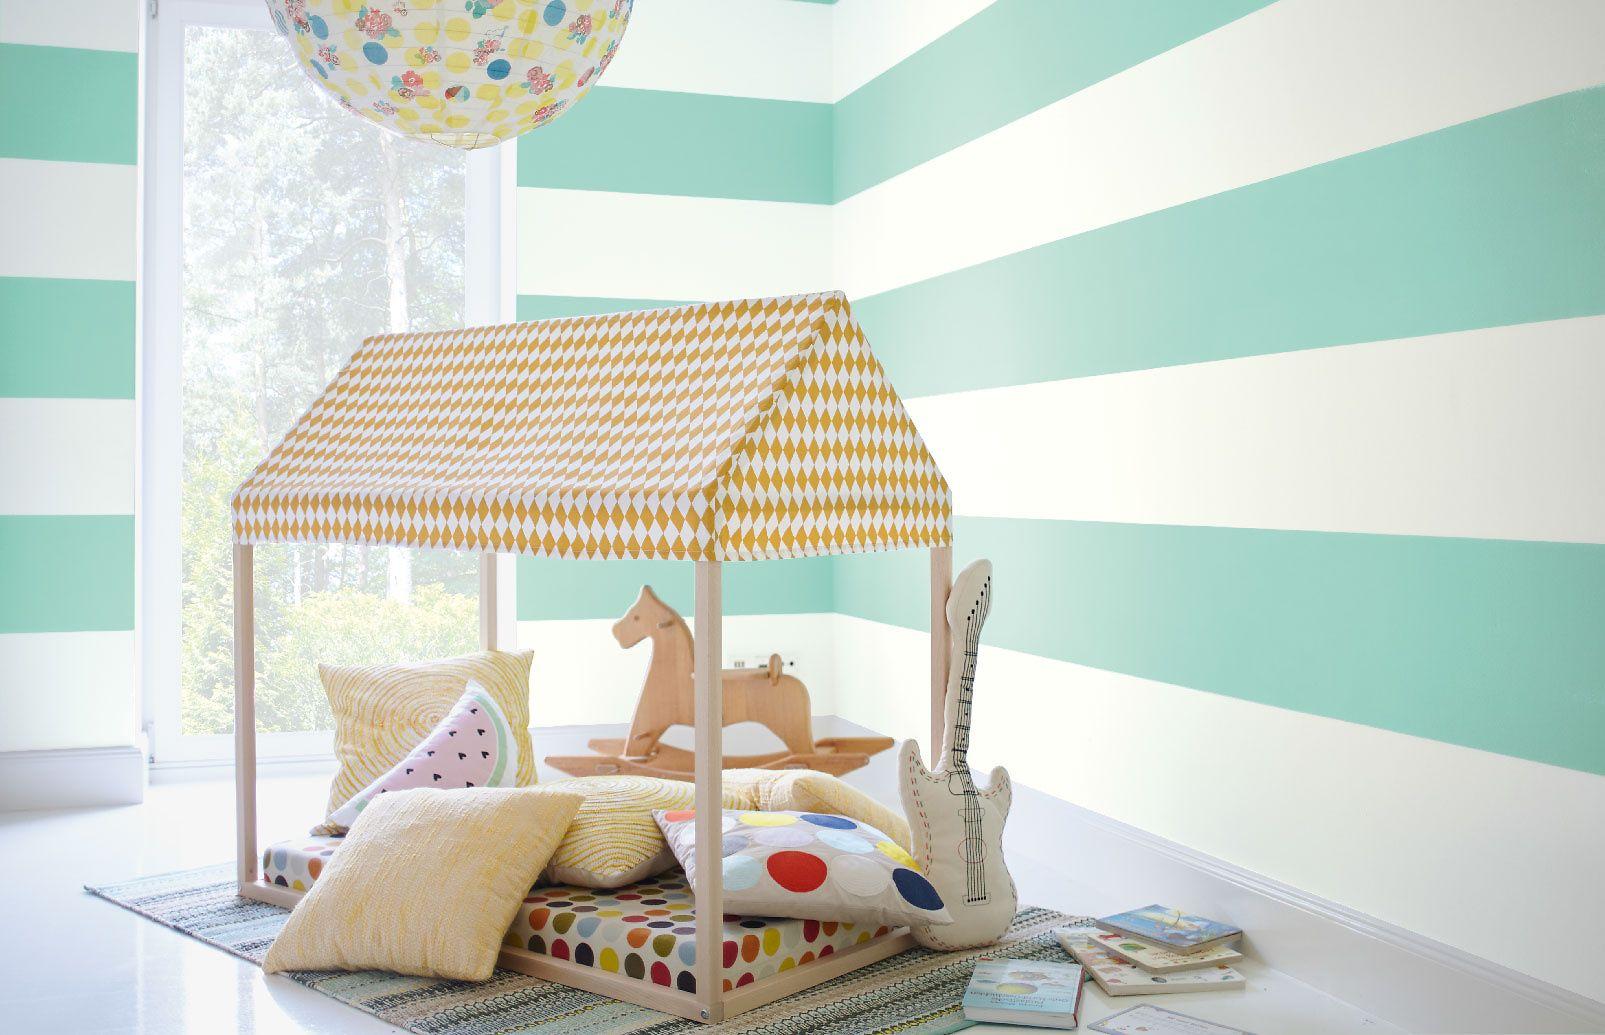 Nr 19 Geckogrün Frisches Mint Kinderzimmer Farbe Babyzimmer Wandgestaltung Kinder Zimmer